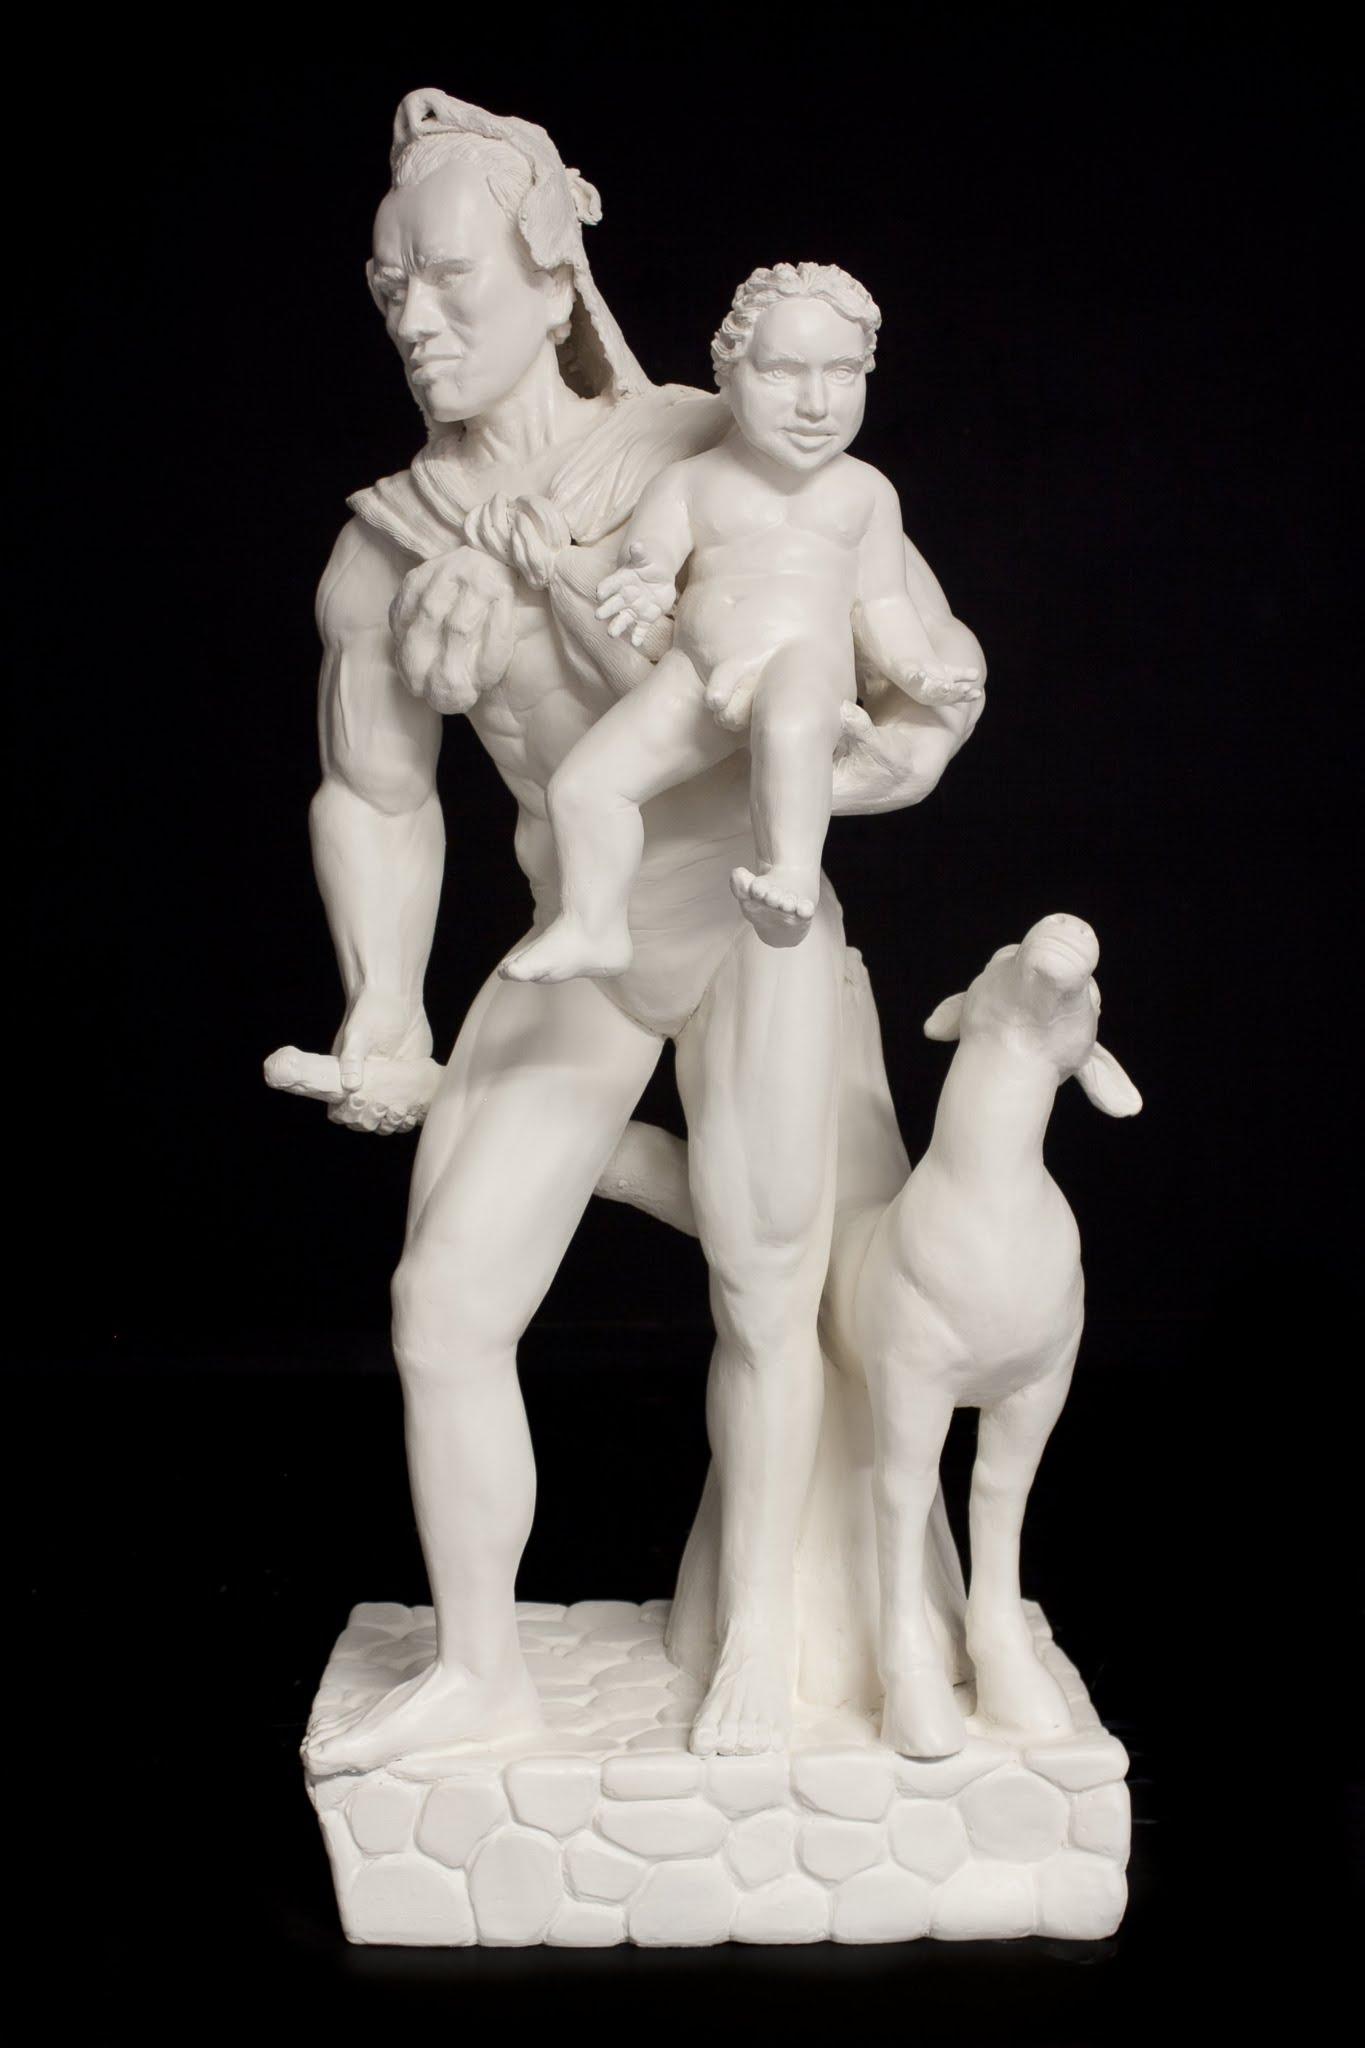 Sarah Hahn Sculpture Arnold 1